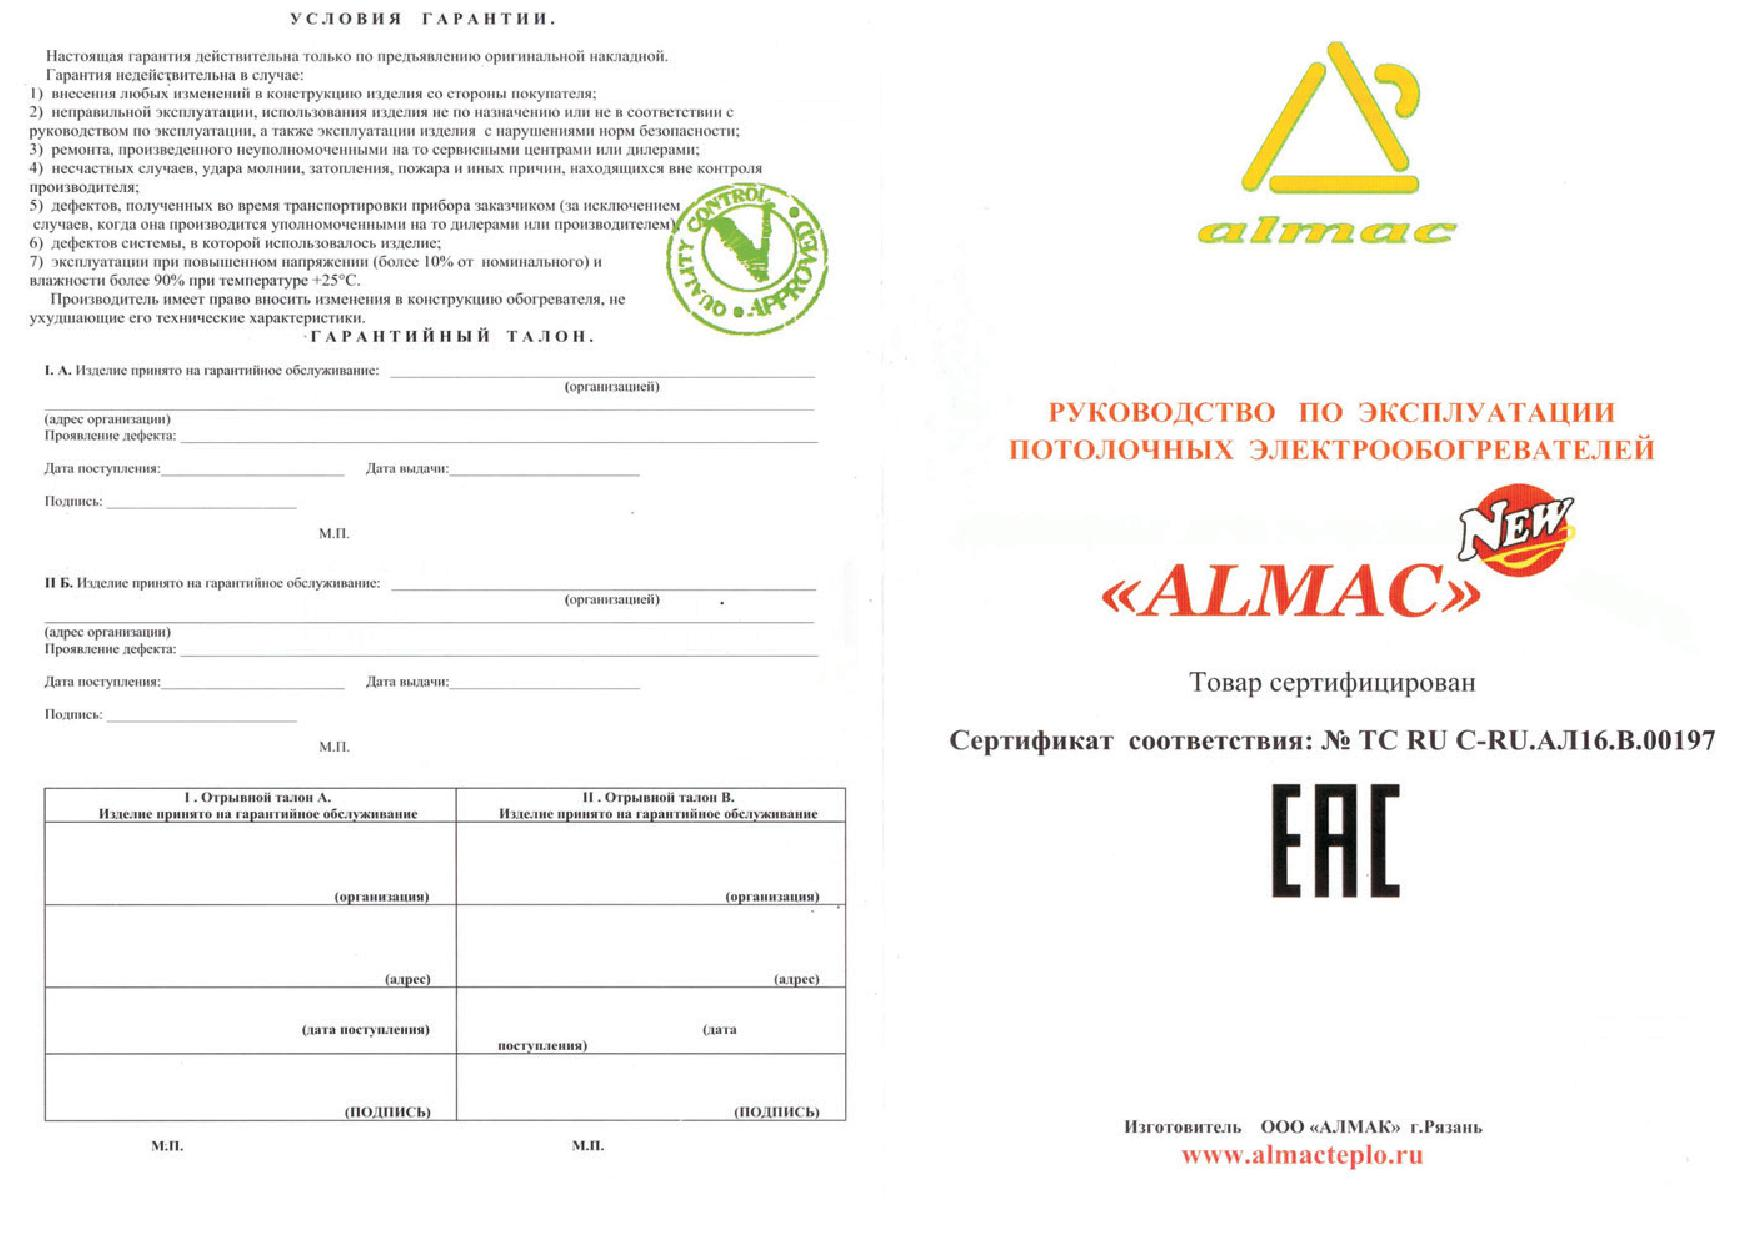 Инструкция инфракрасные обогреватели Алмак